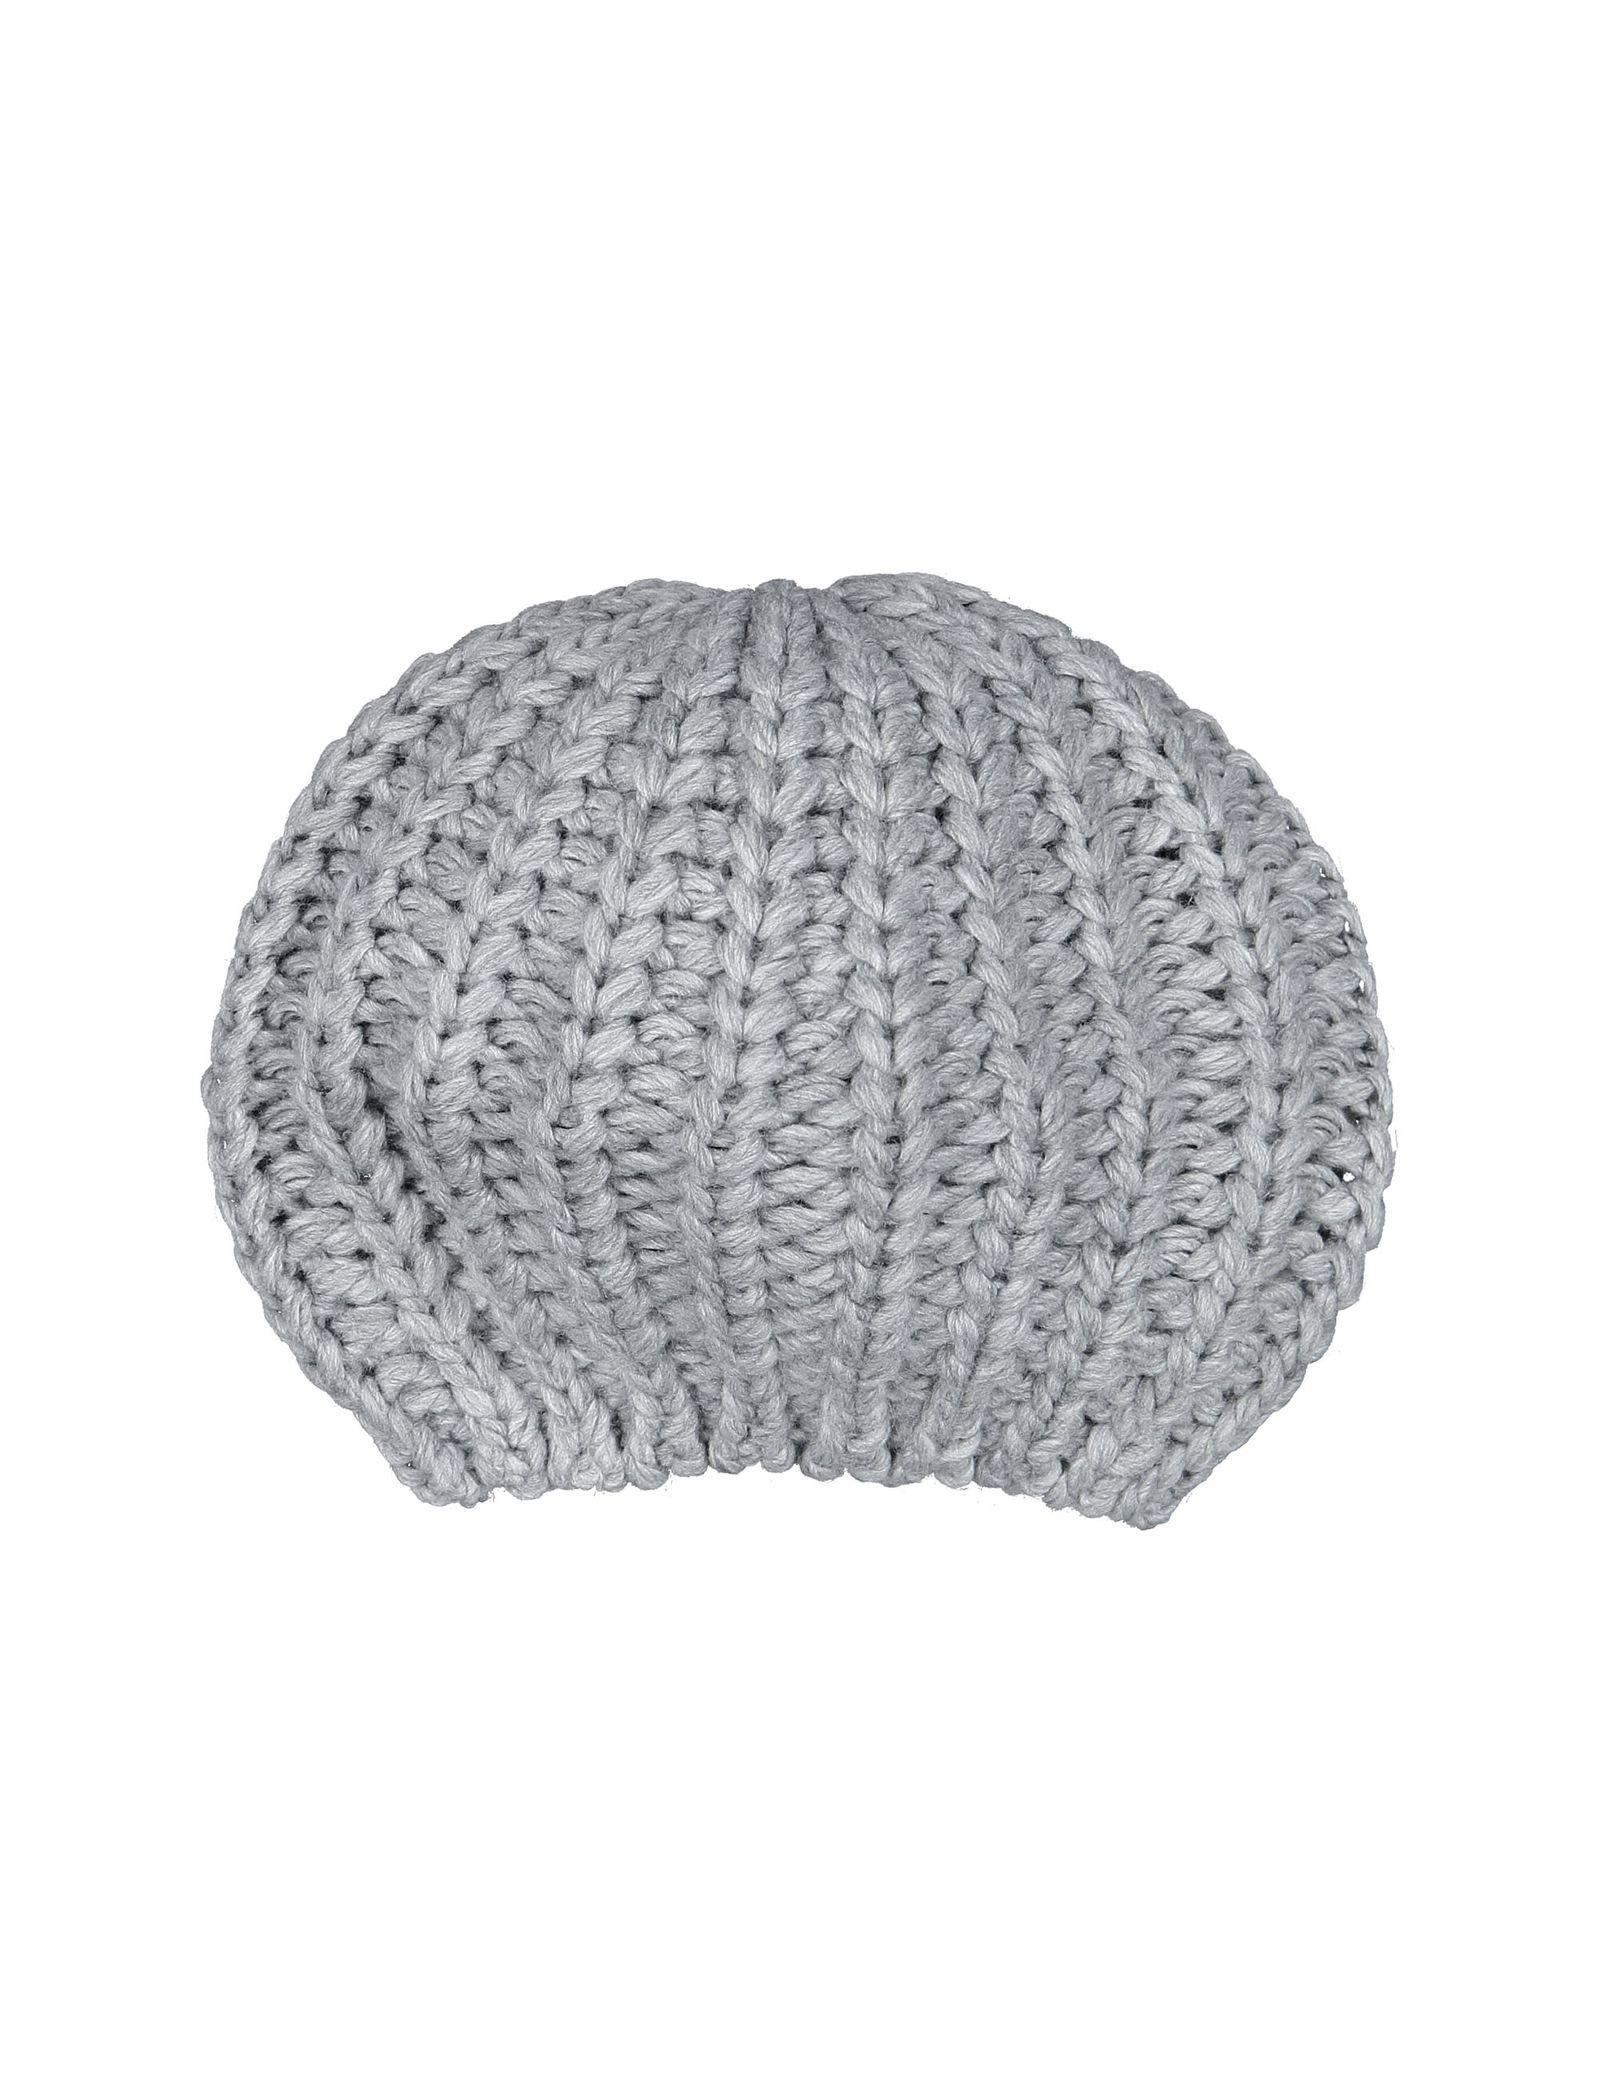 کلاه بافتنی بانی زنانه - تیفوسی - طوسي - 1